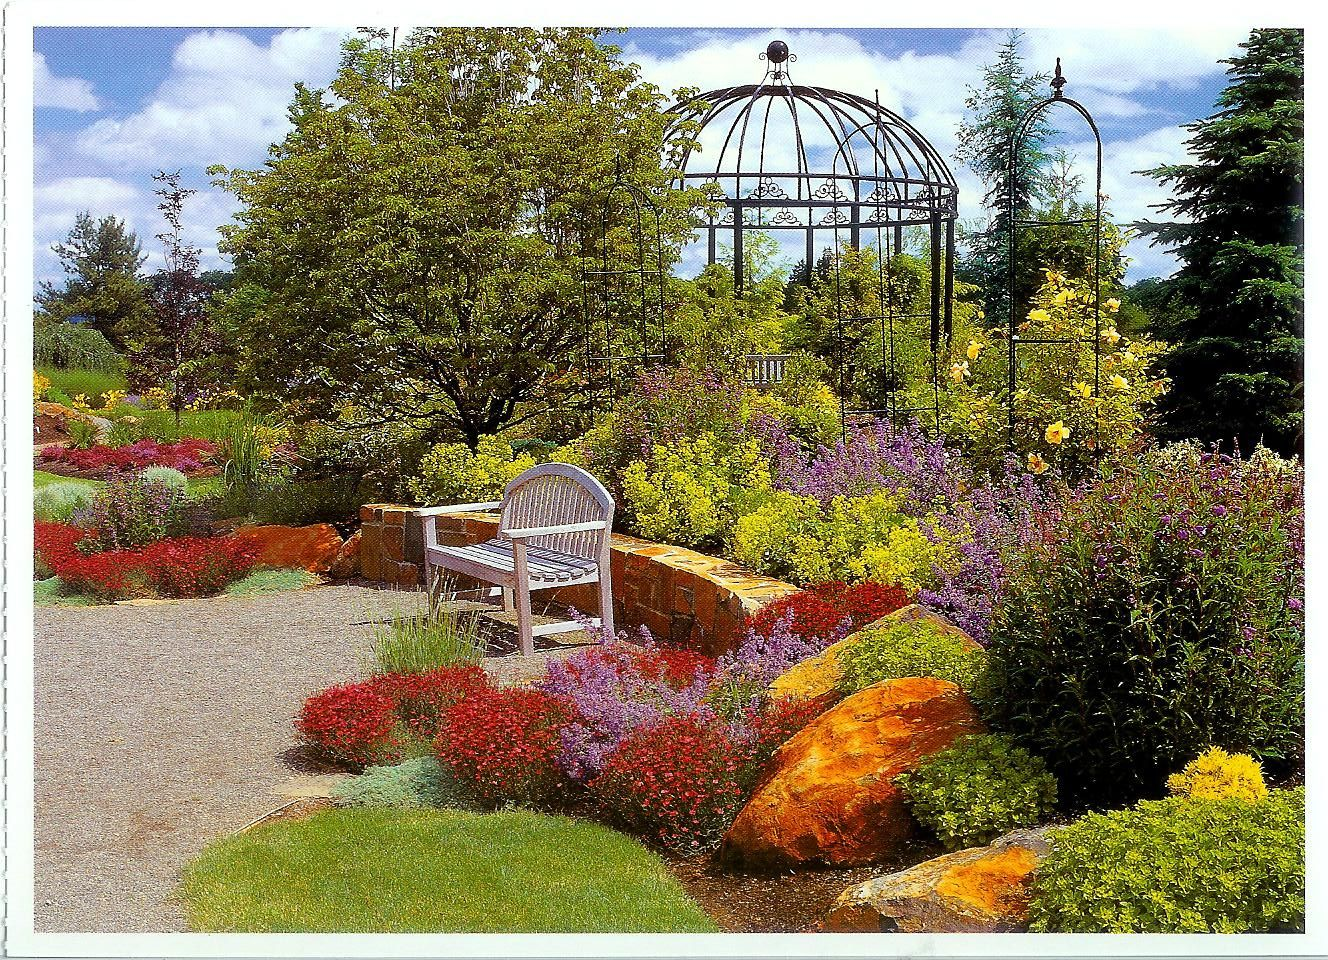 Oregon Garden | Beauty in the Garden | Pinterest | Acre, Gardens and ...